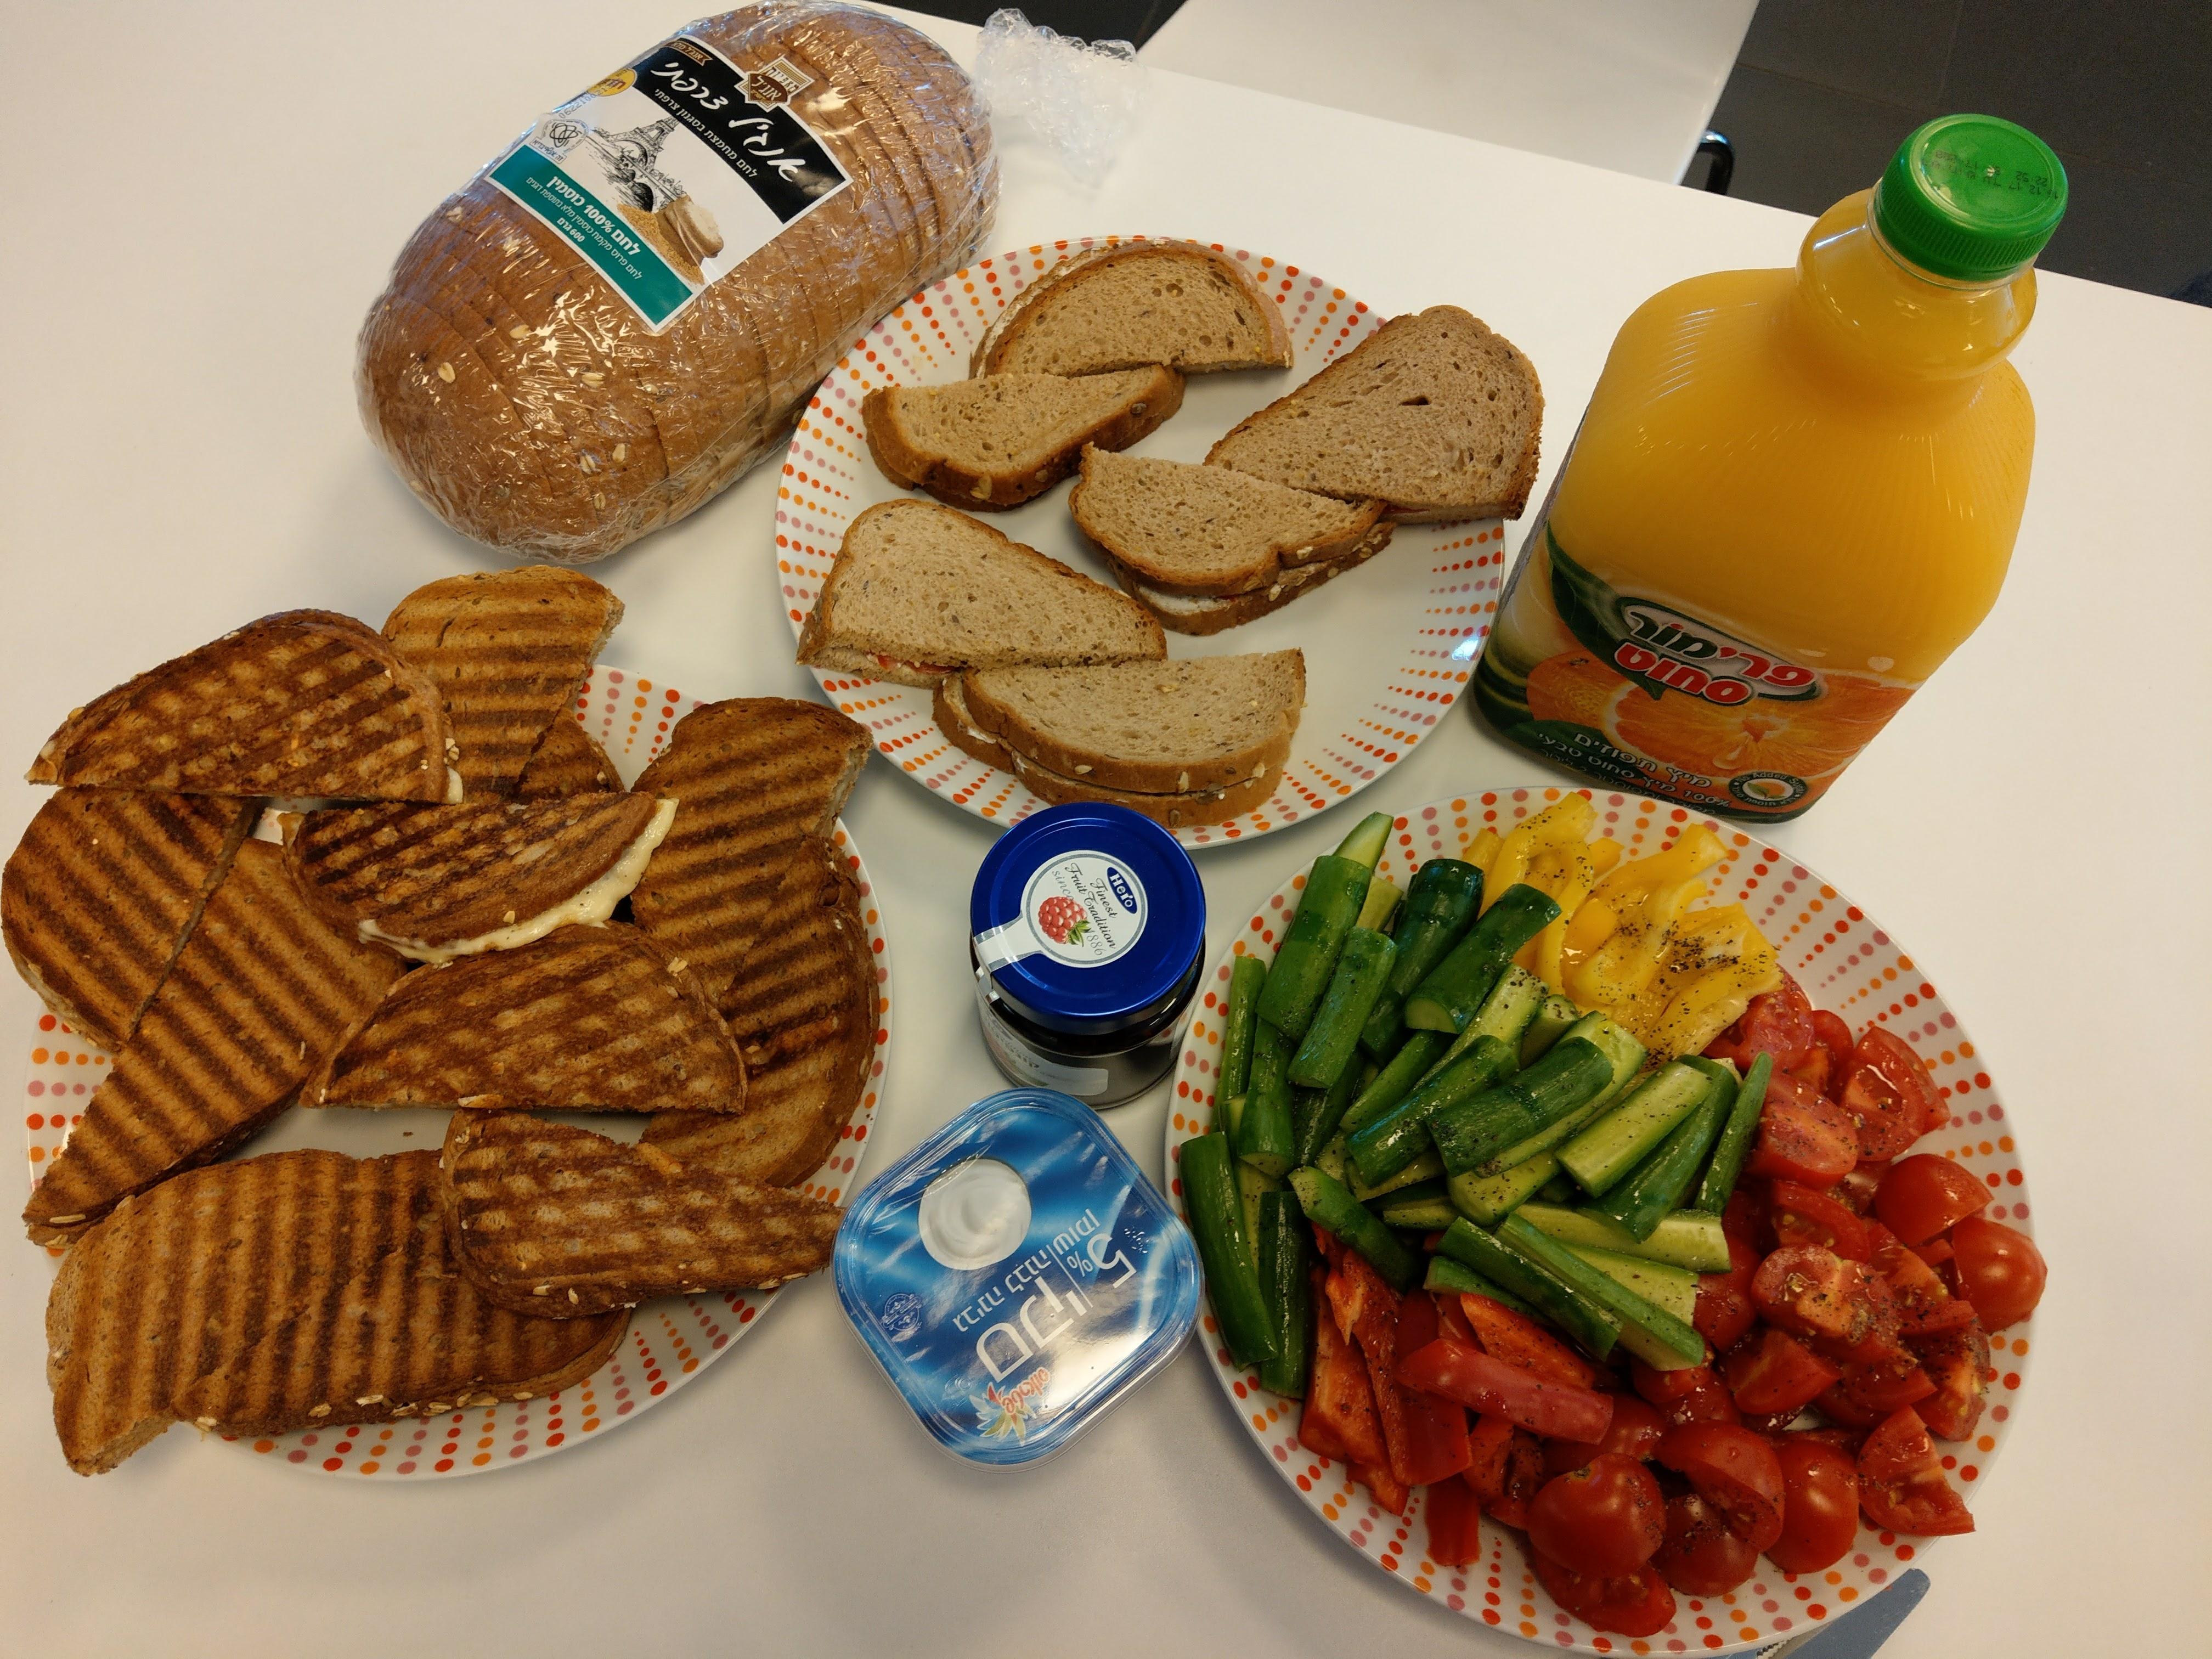 ארוחת בוקר במשרד של לחם, גבינות וירקות